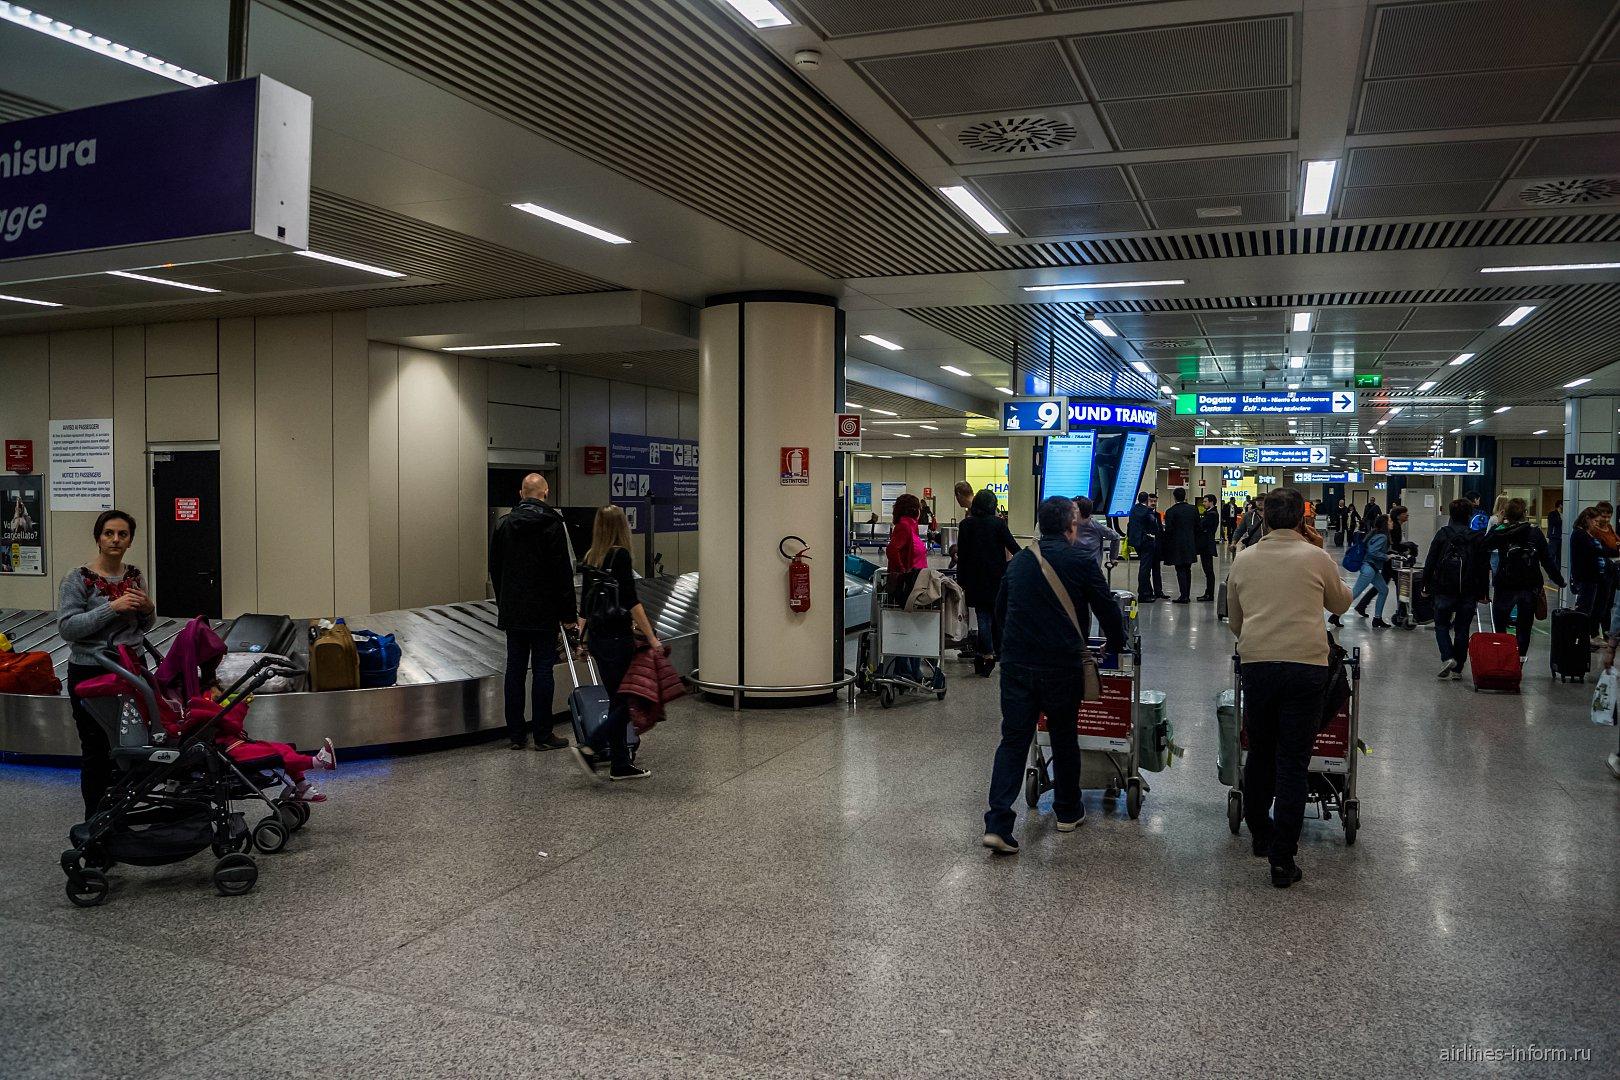 Зал выдачи багажа в терминале 3 аэропорта Рим Фьюмичино